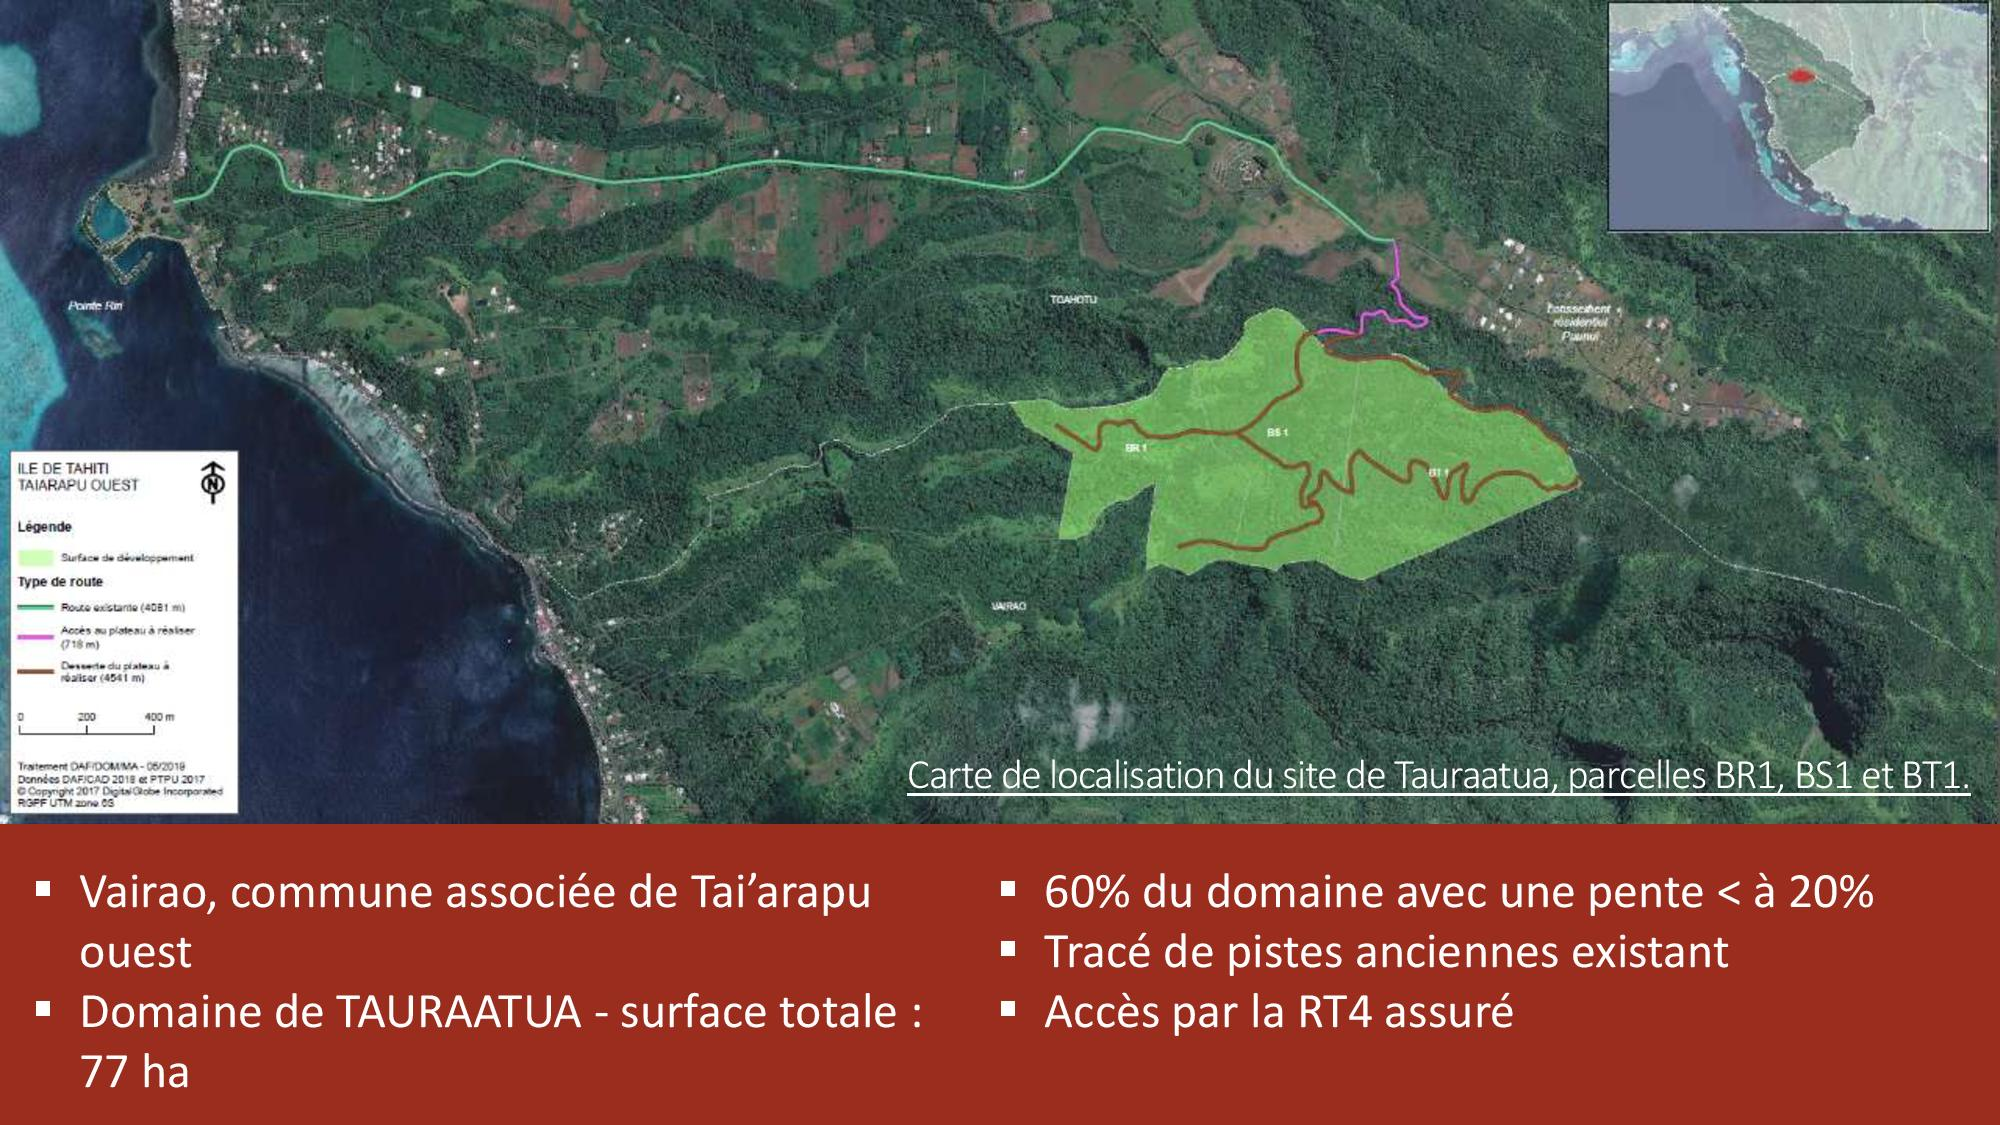 Le terrain se situe sur la commune de Vairao, près du lotissement résidentiel Puunui.